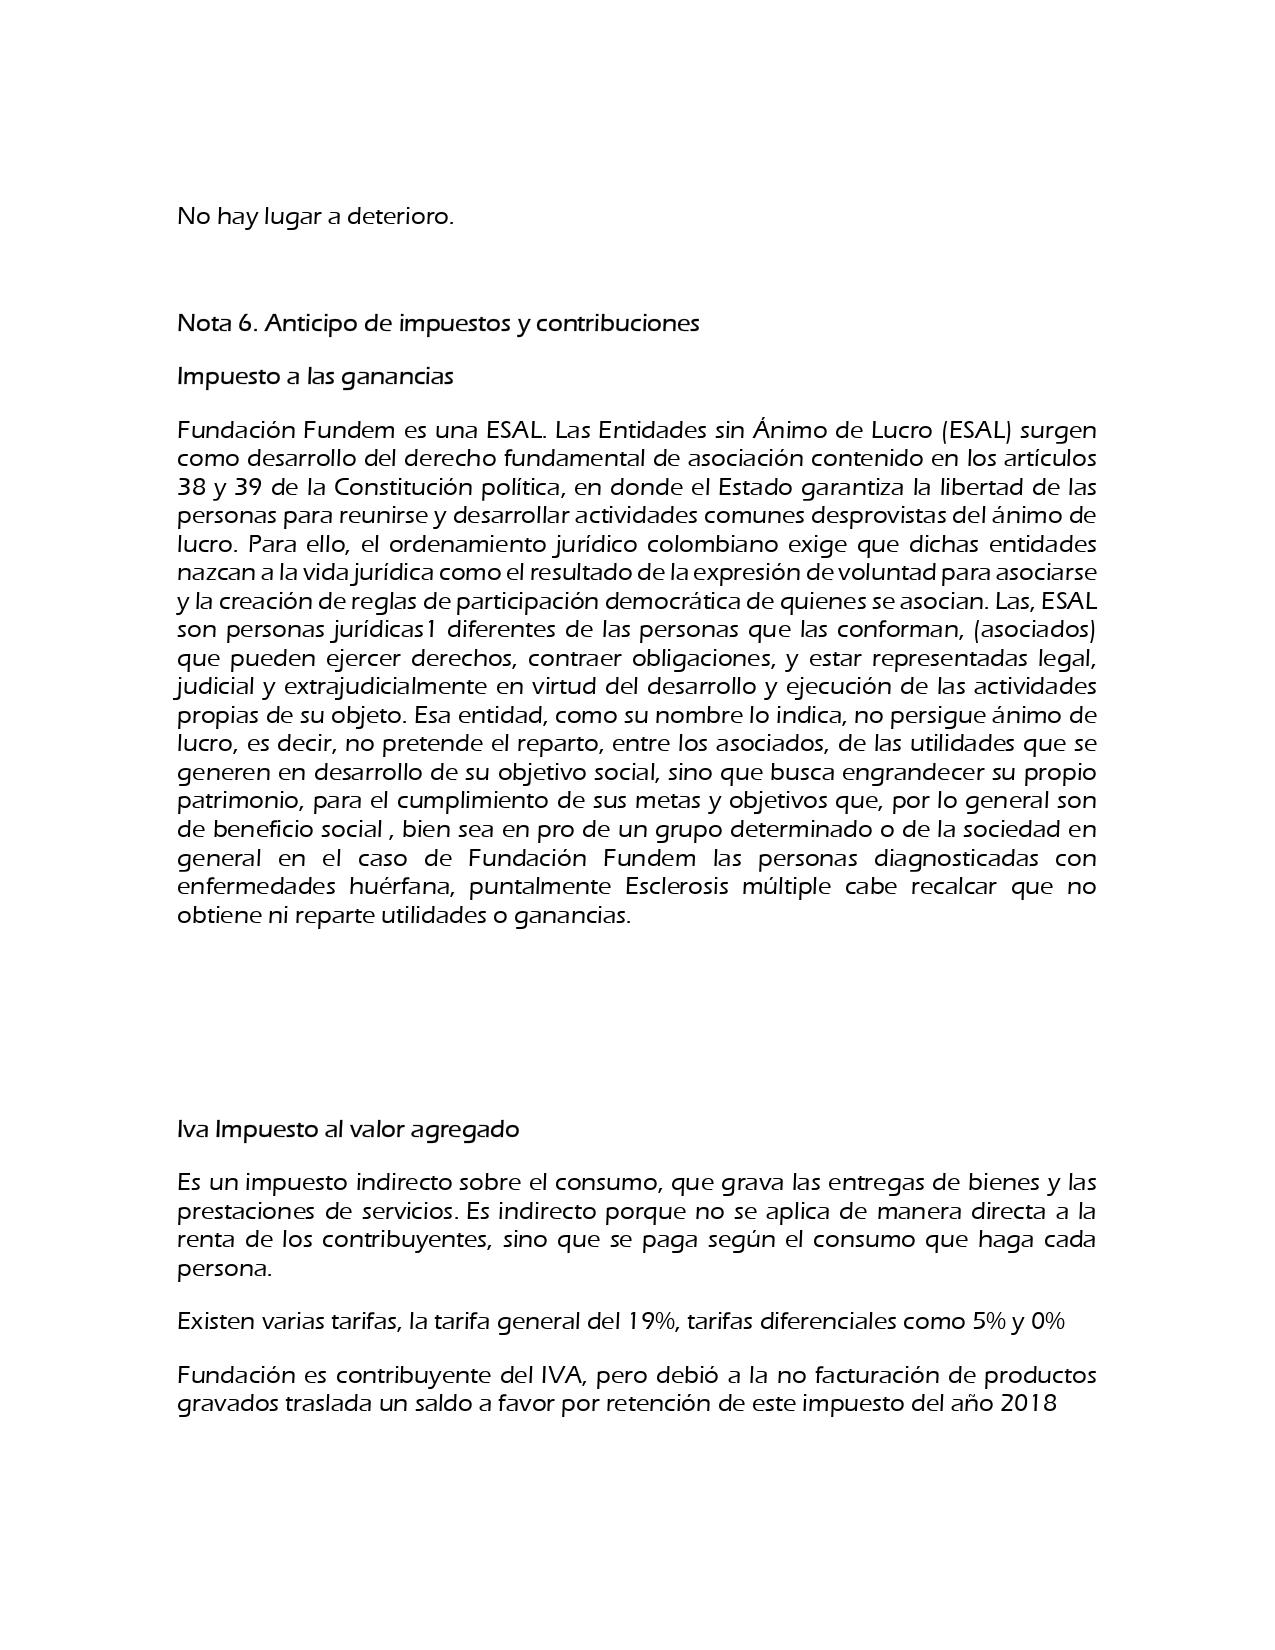 Estados Financieros Fundacion Fundem 2020_page-0017